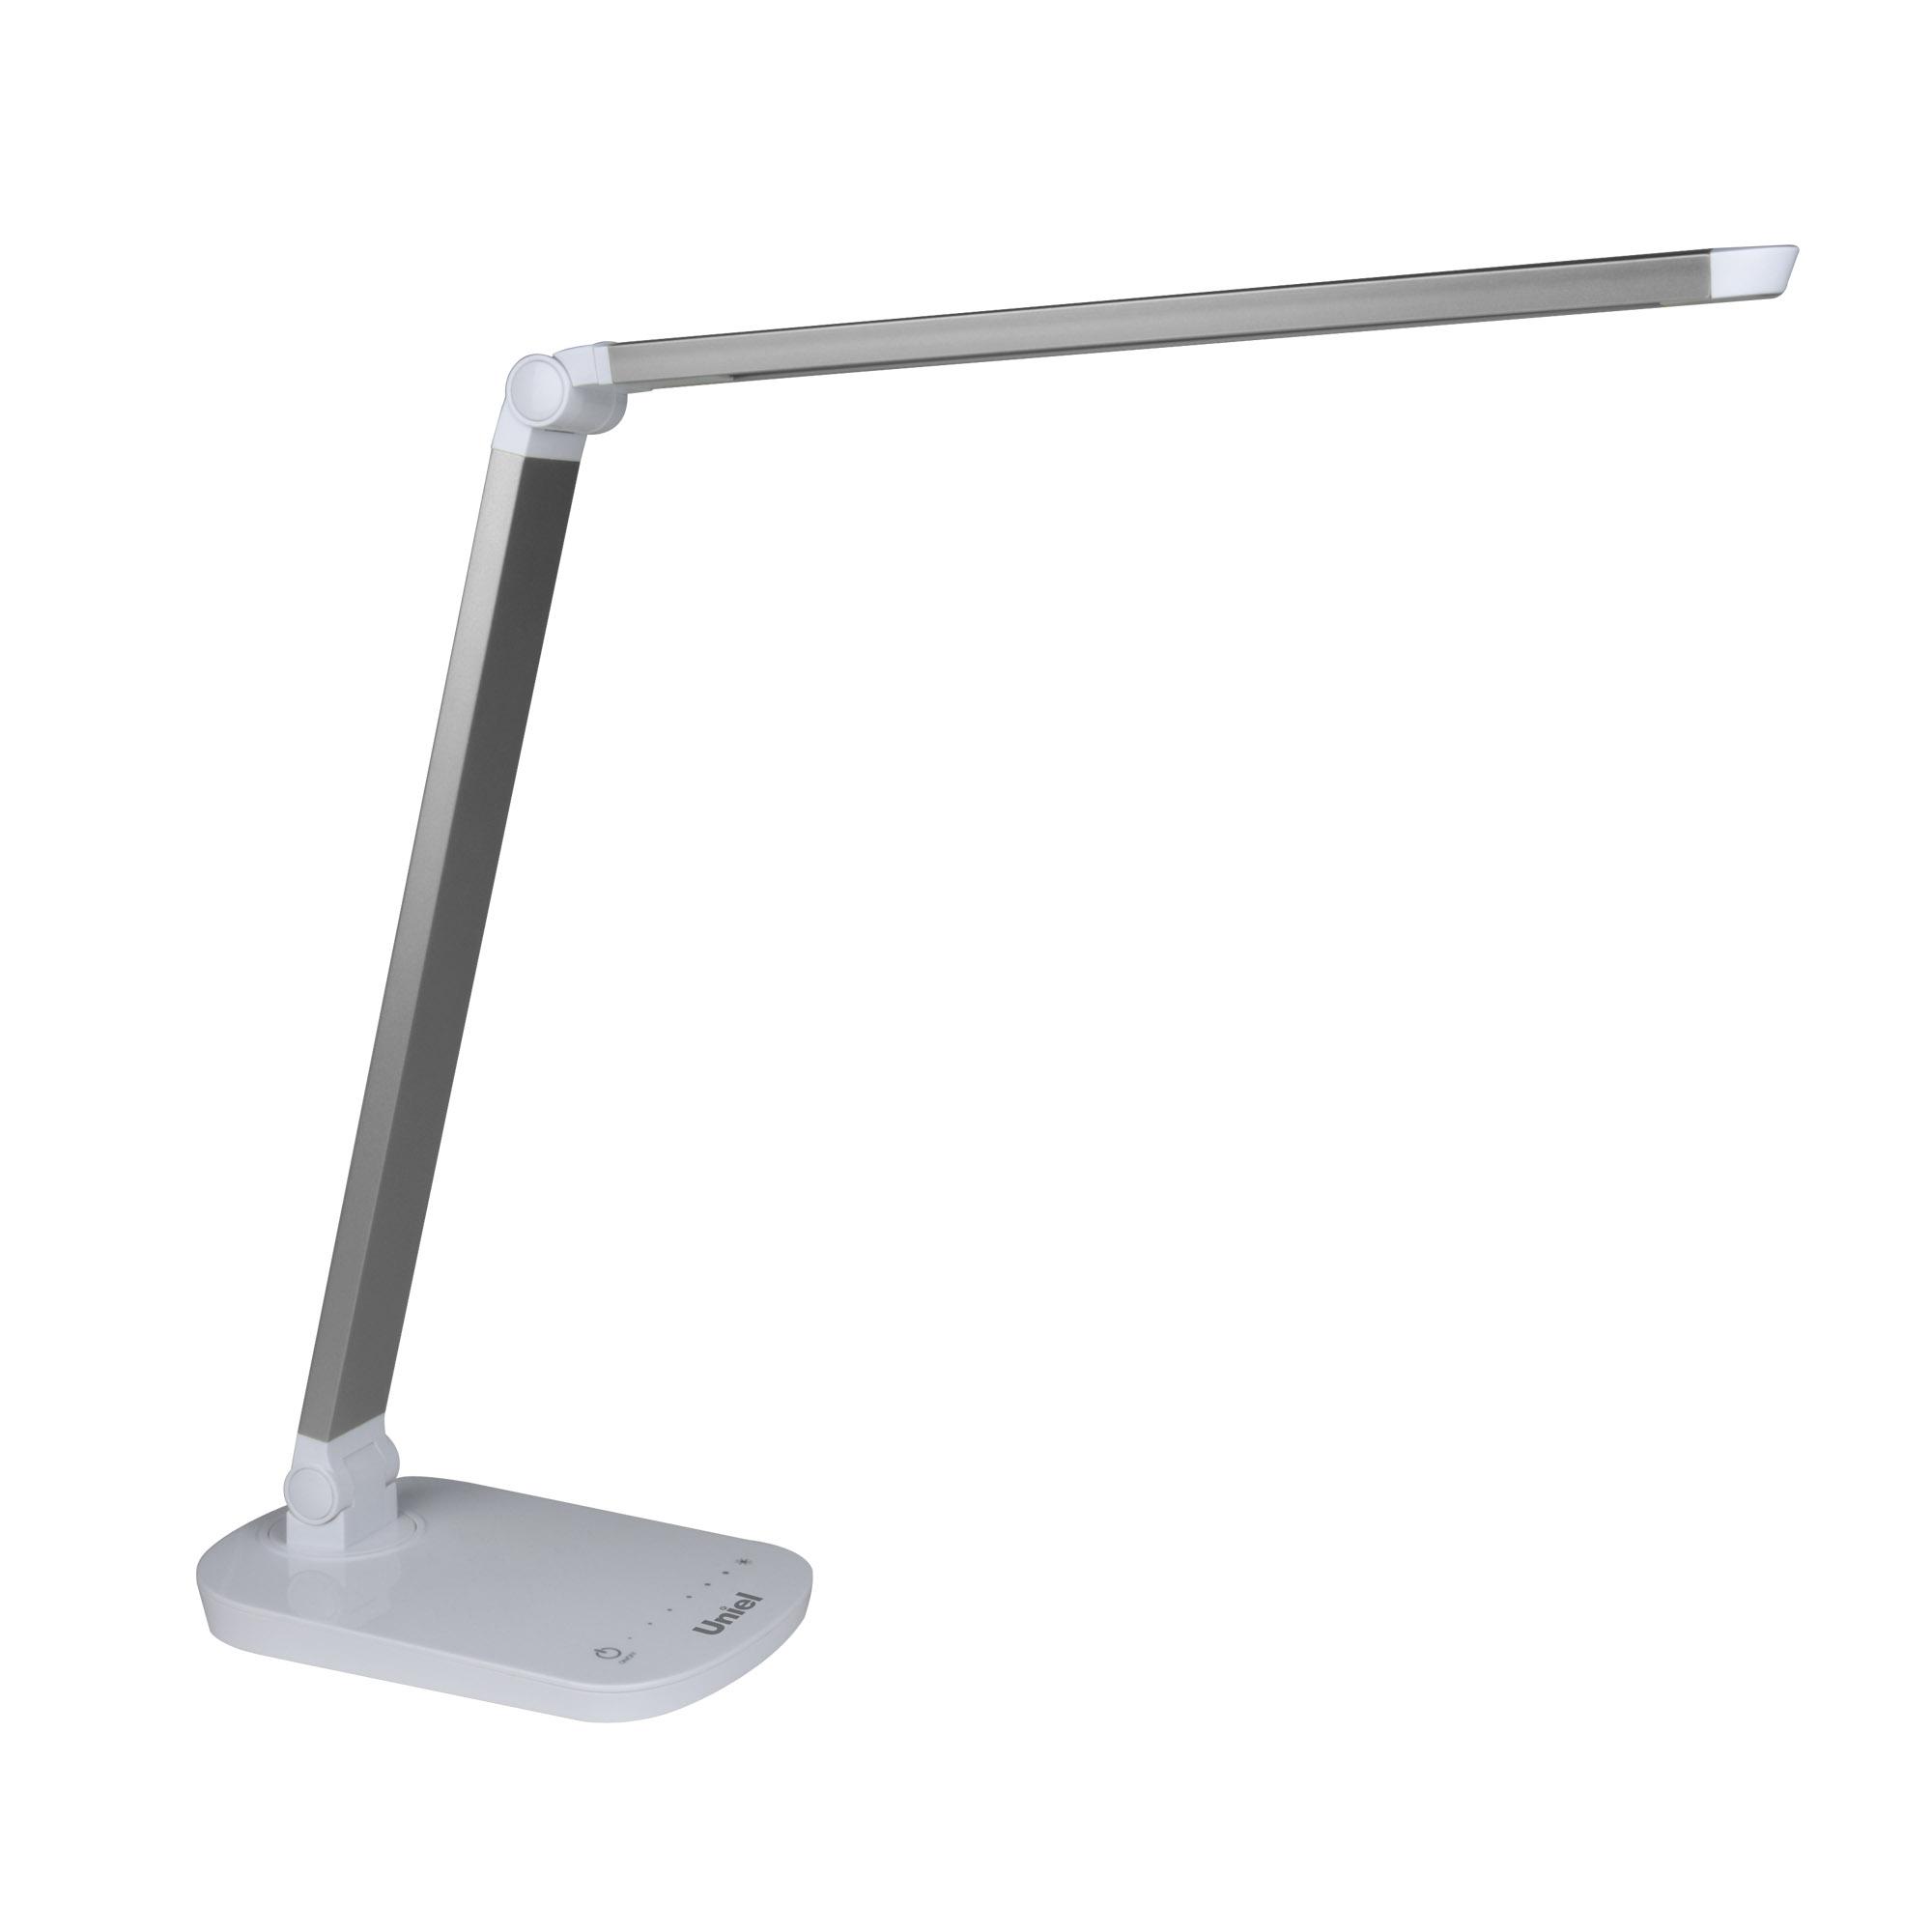 Лампа настольная UnielЛампы настольные<br>Тип настольной лампы: ученическая/офисная, Назначение светильника: офисный, Стиль светильника: модерн, Тип лампы: светодиодная<br>